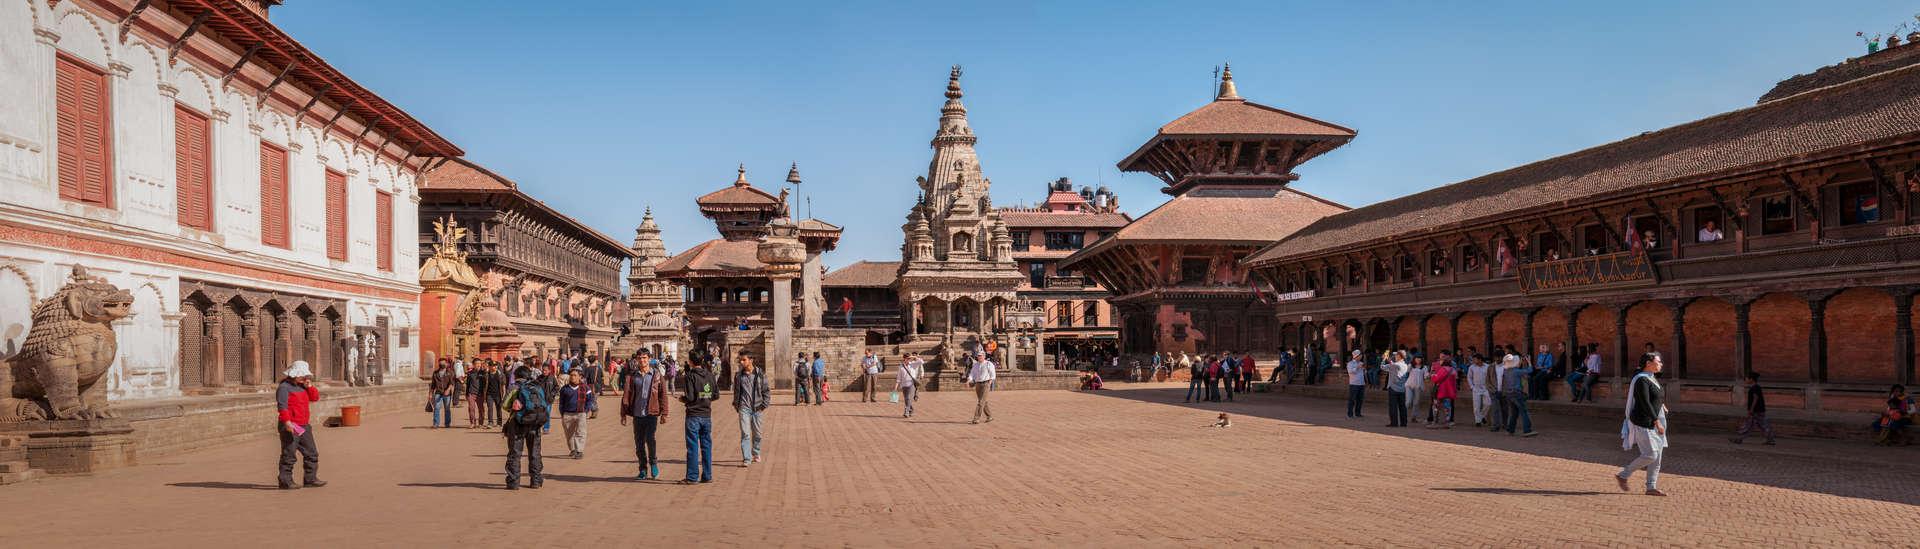 Nepal.2013-902.jpg